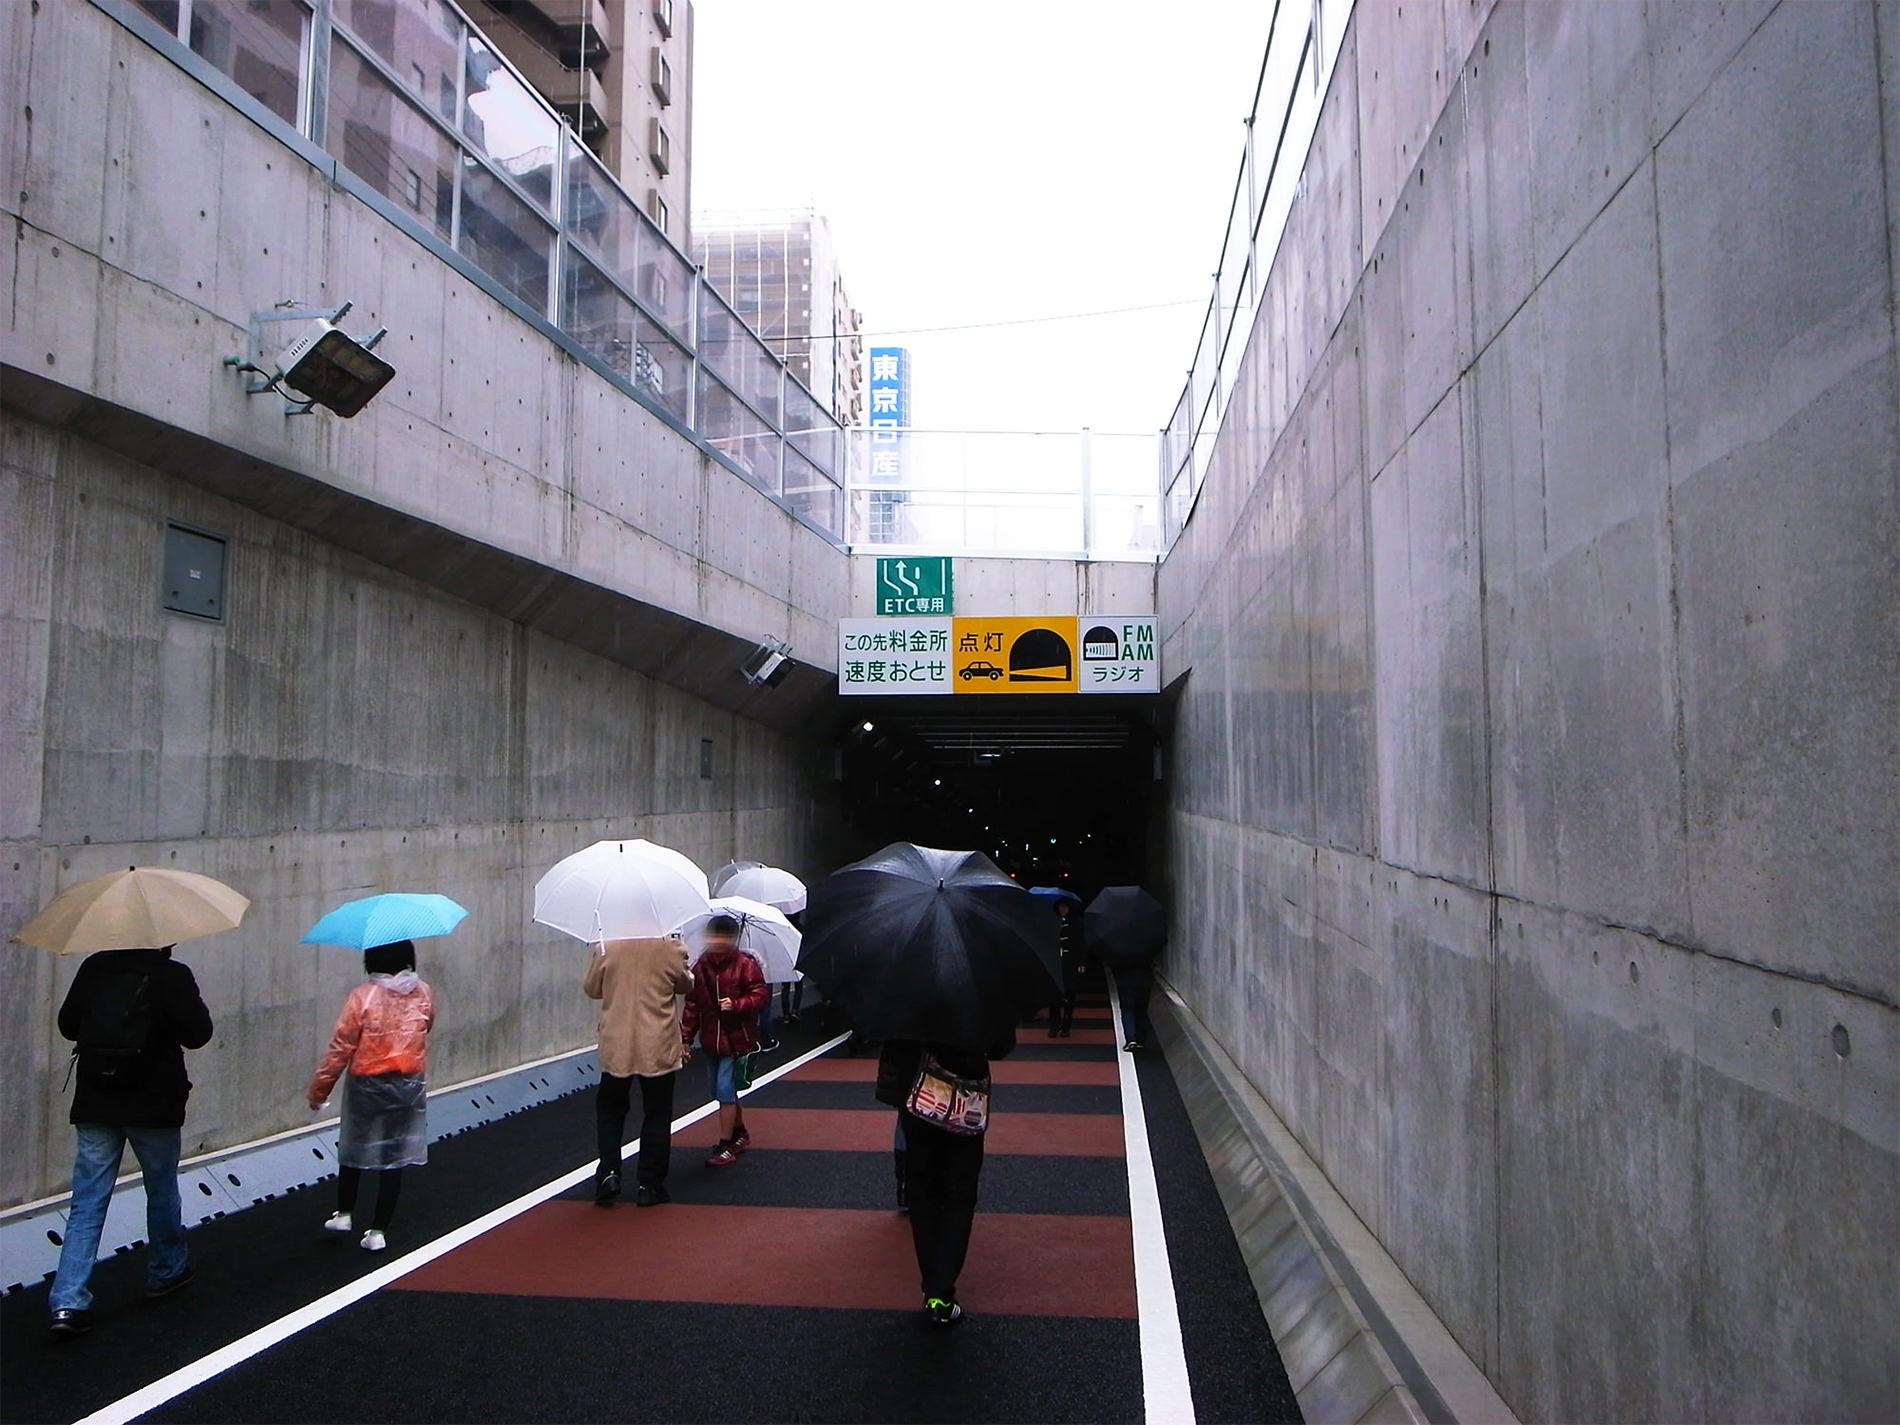 20150301_山手トンネルウォーク | 2015 Tokyo Yamate-hightway walk event